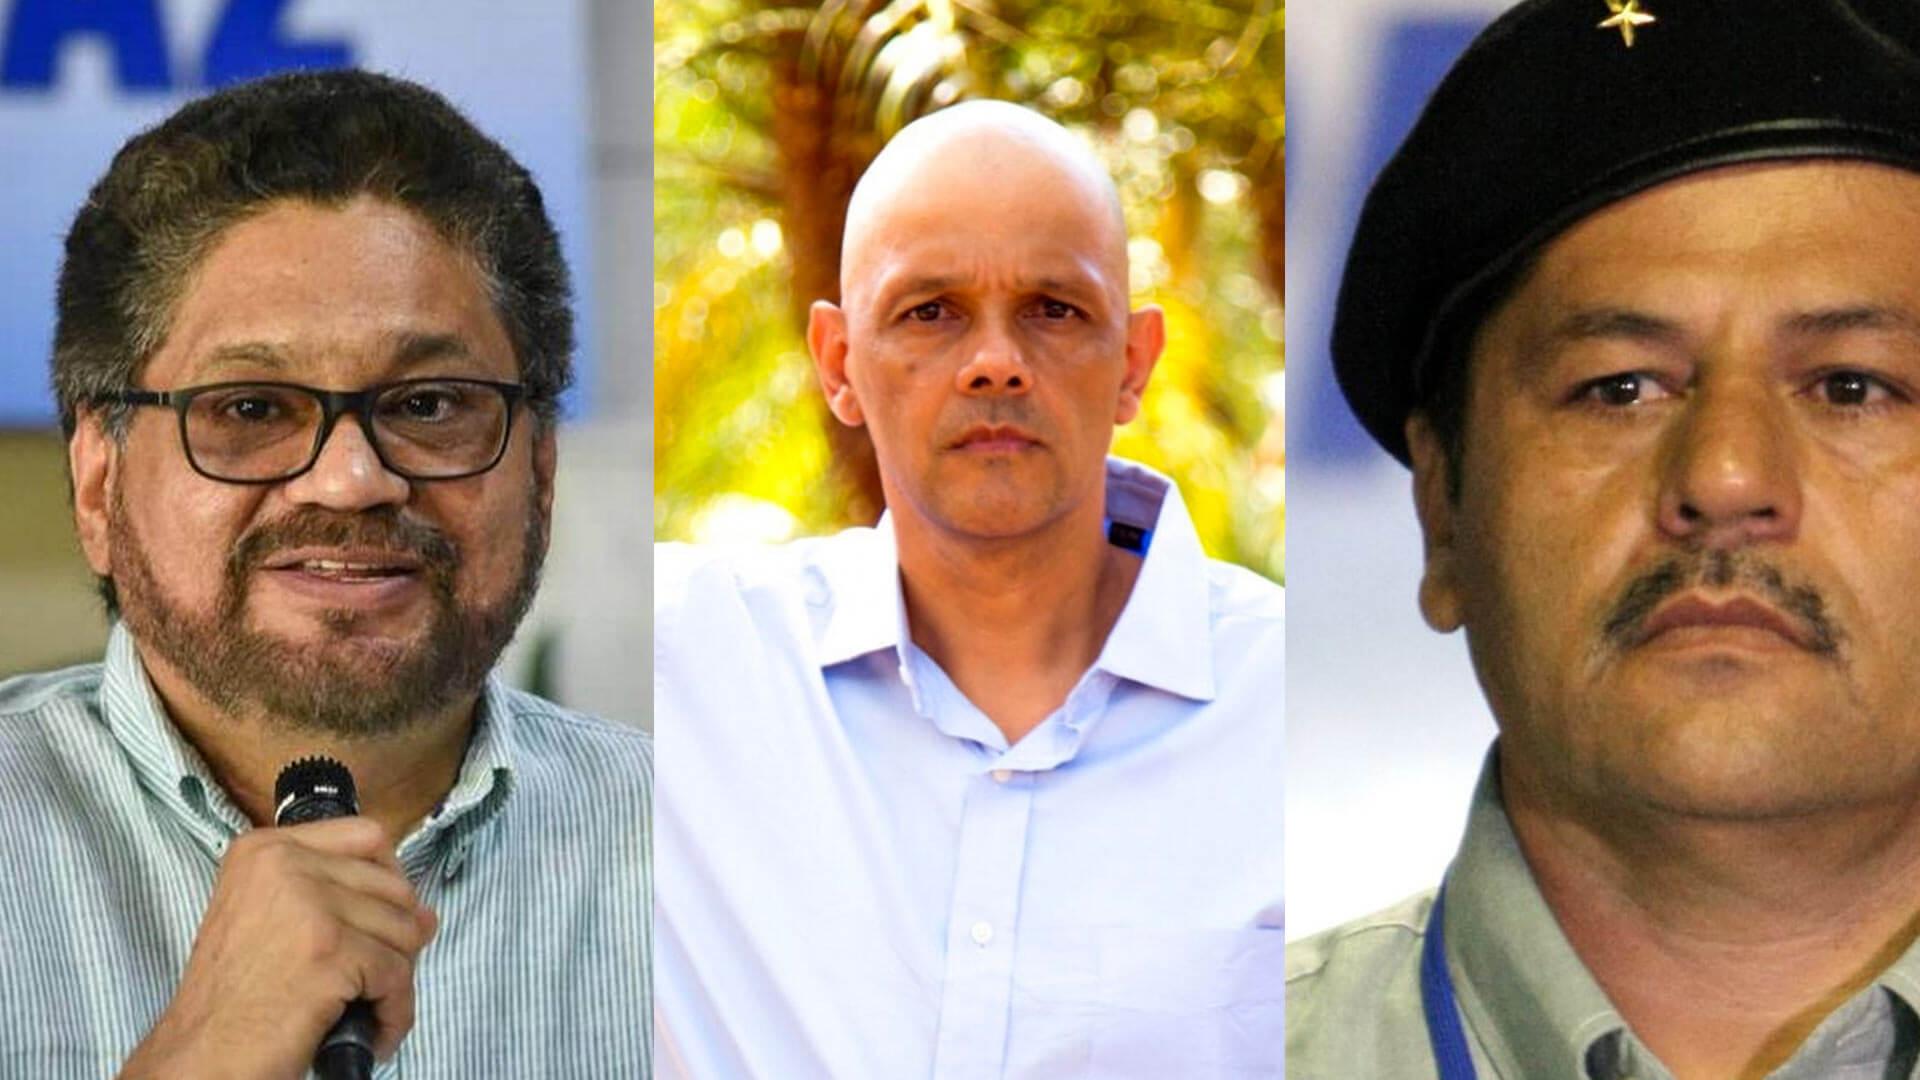 ¿Dónde están Iván Márquez, el Paisa y Romaña? Esto es lo que sabemos